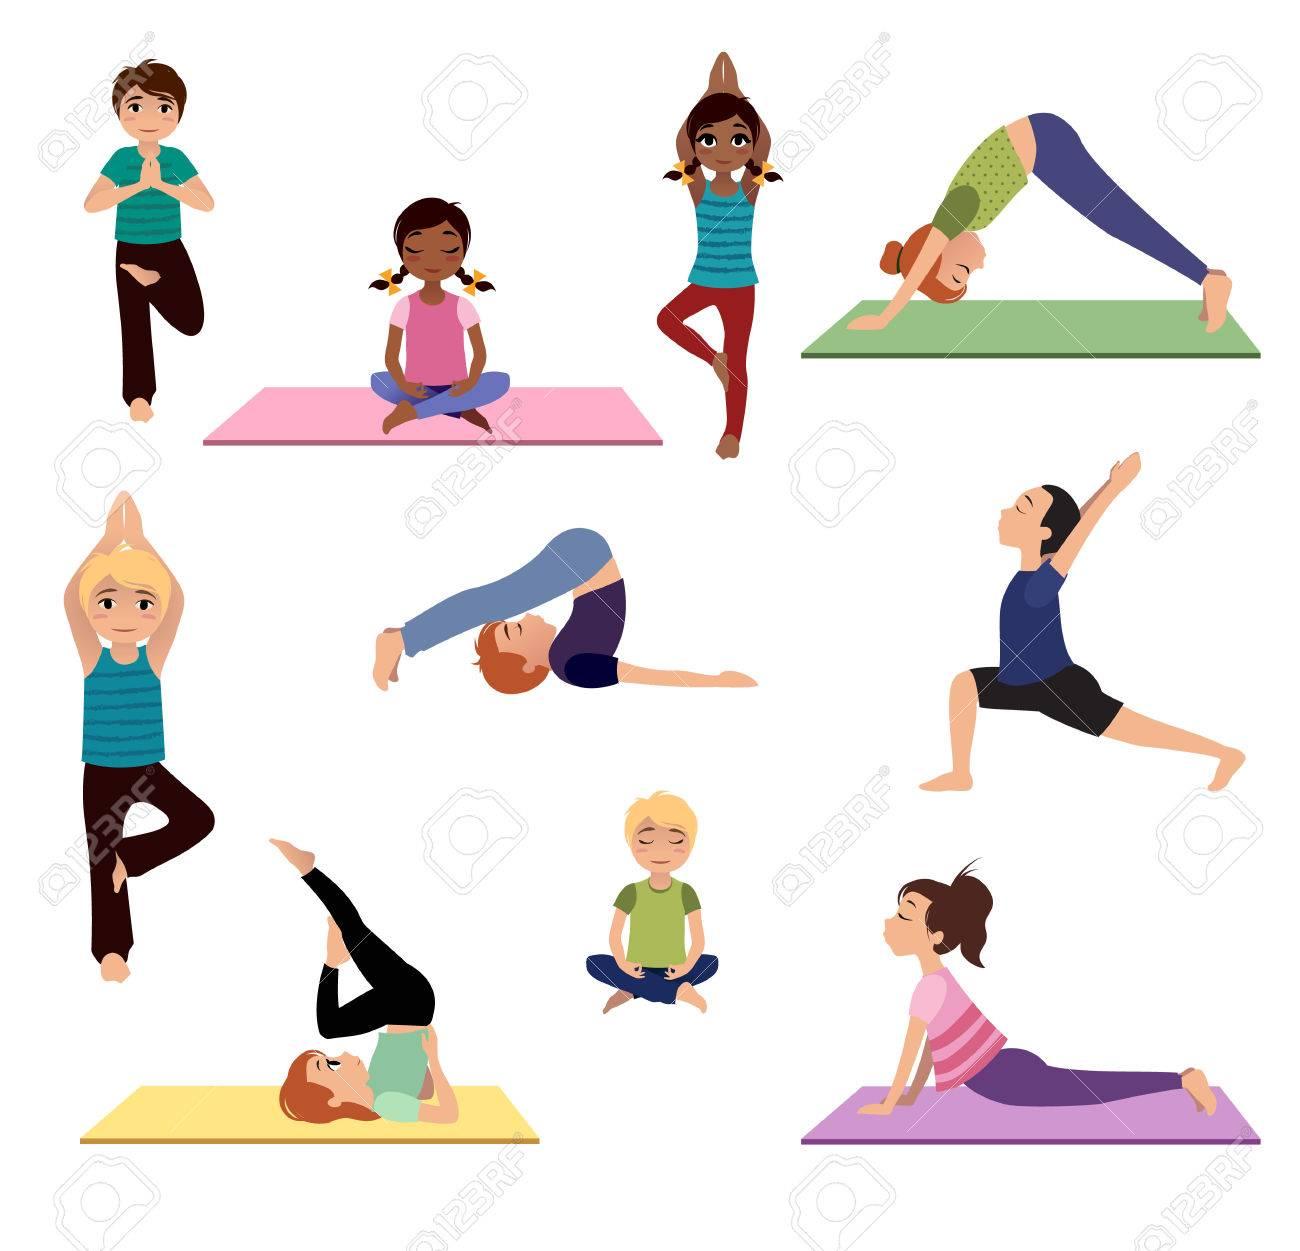 Yoga Para Niños Asanas Conjunto De Posturas De Yoga Y Estilo De Vida Saludable Ilustración Vectorial Ilustraciones Vectoriales Clip Art Vectorizado Libre De Derechos Image 68606137